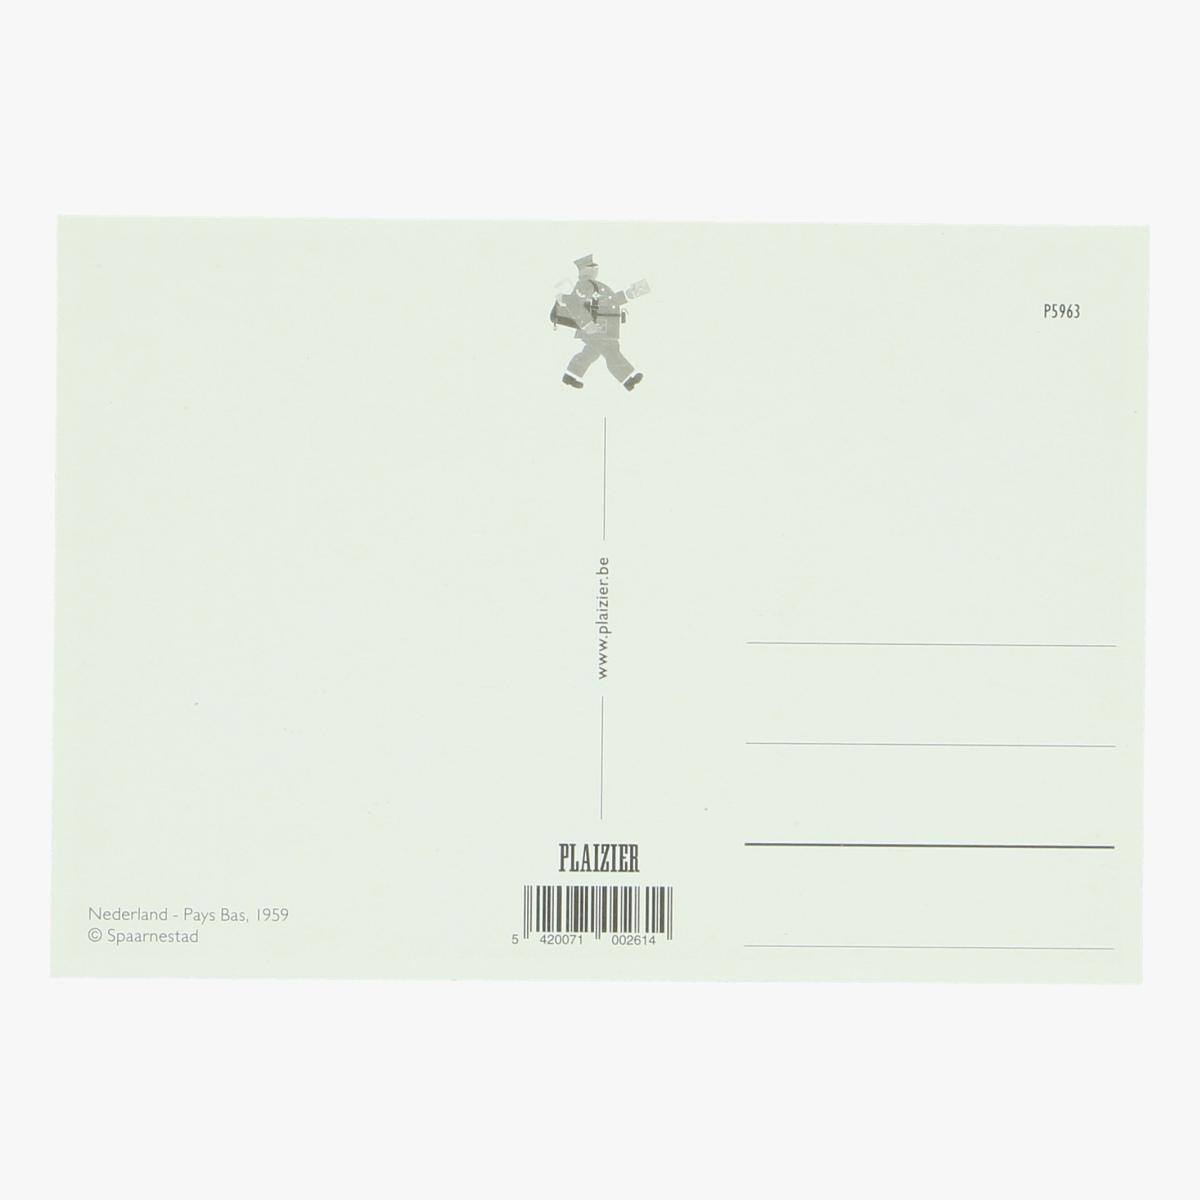 Afbeeldingen van postkaart Pays Bas Nederland, 1959 repro